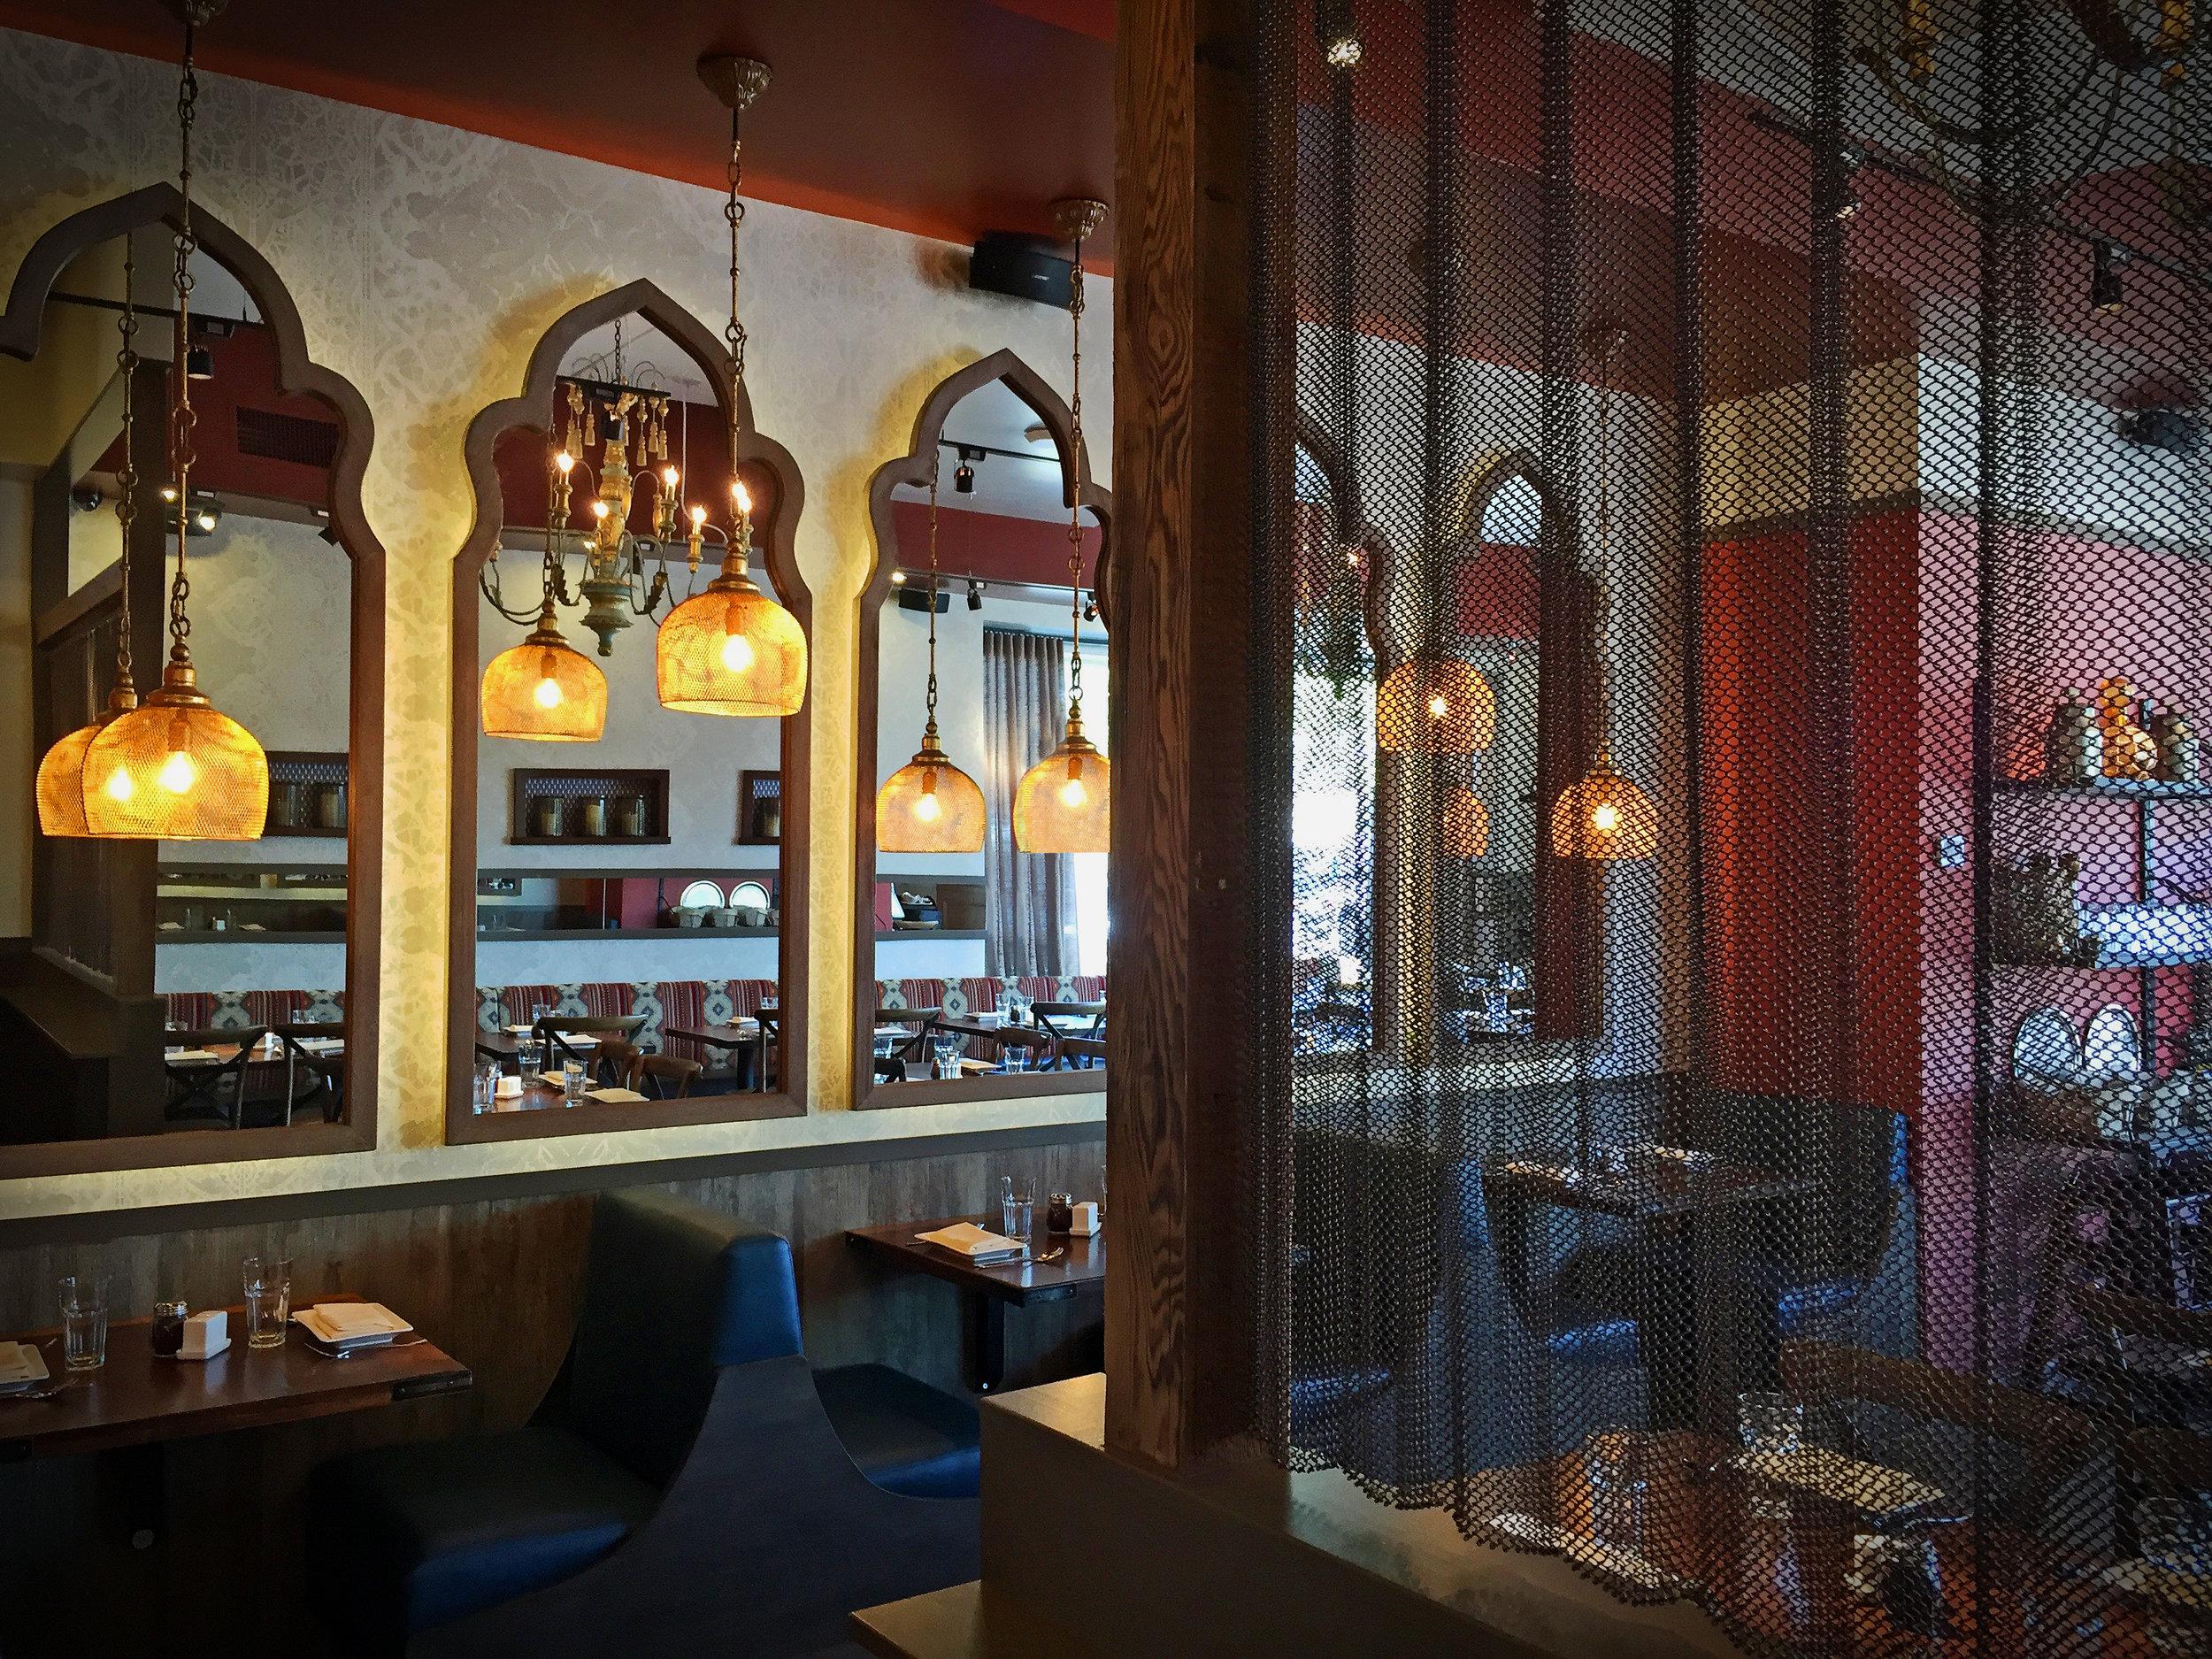 Sufiya's Grill - Merrick, NY